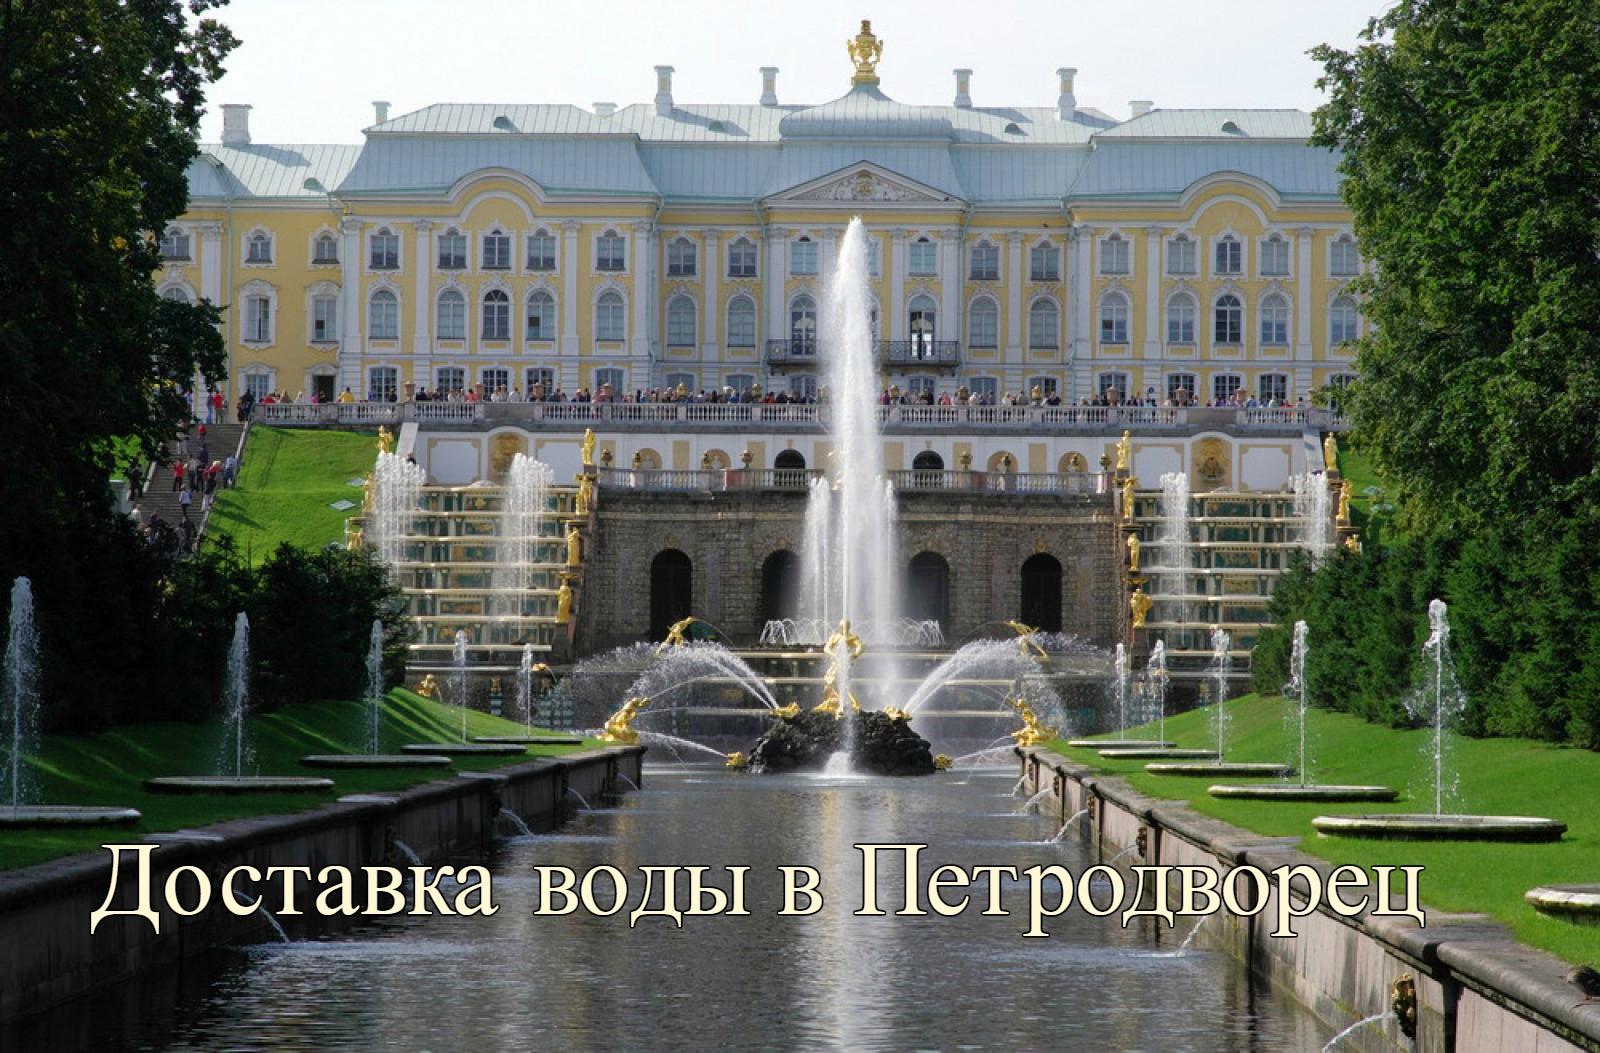 Доставка воды в Петродворец